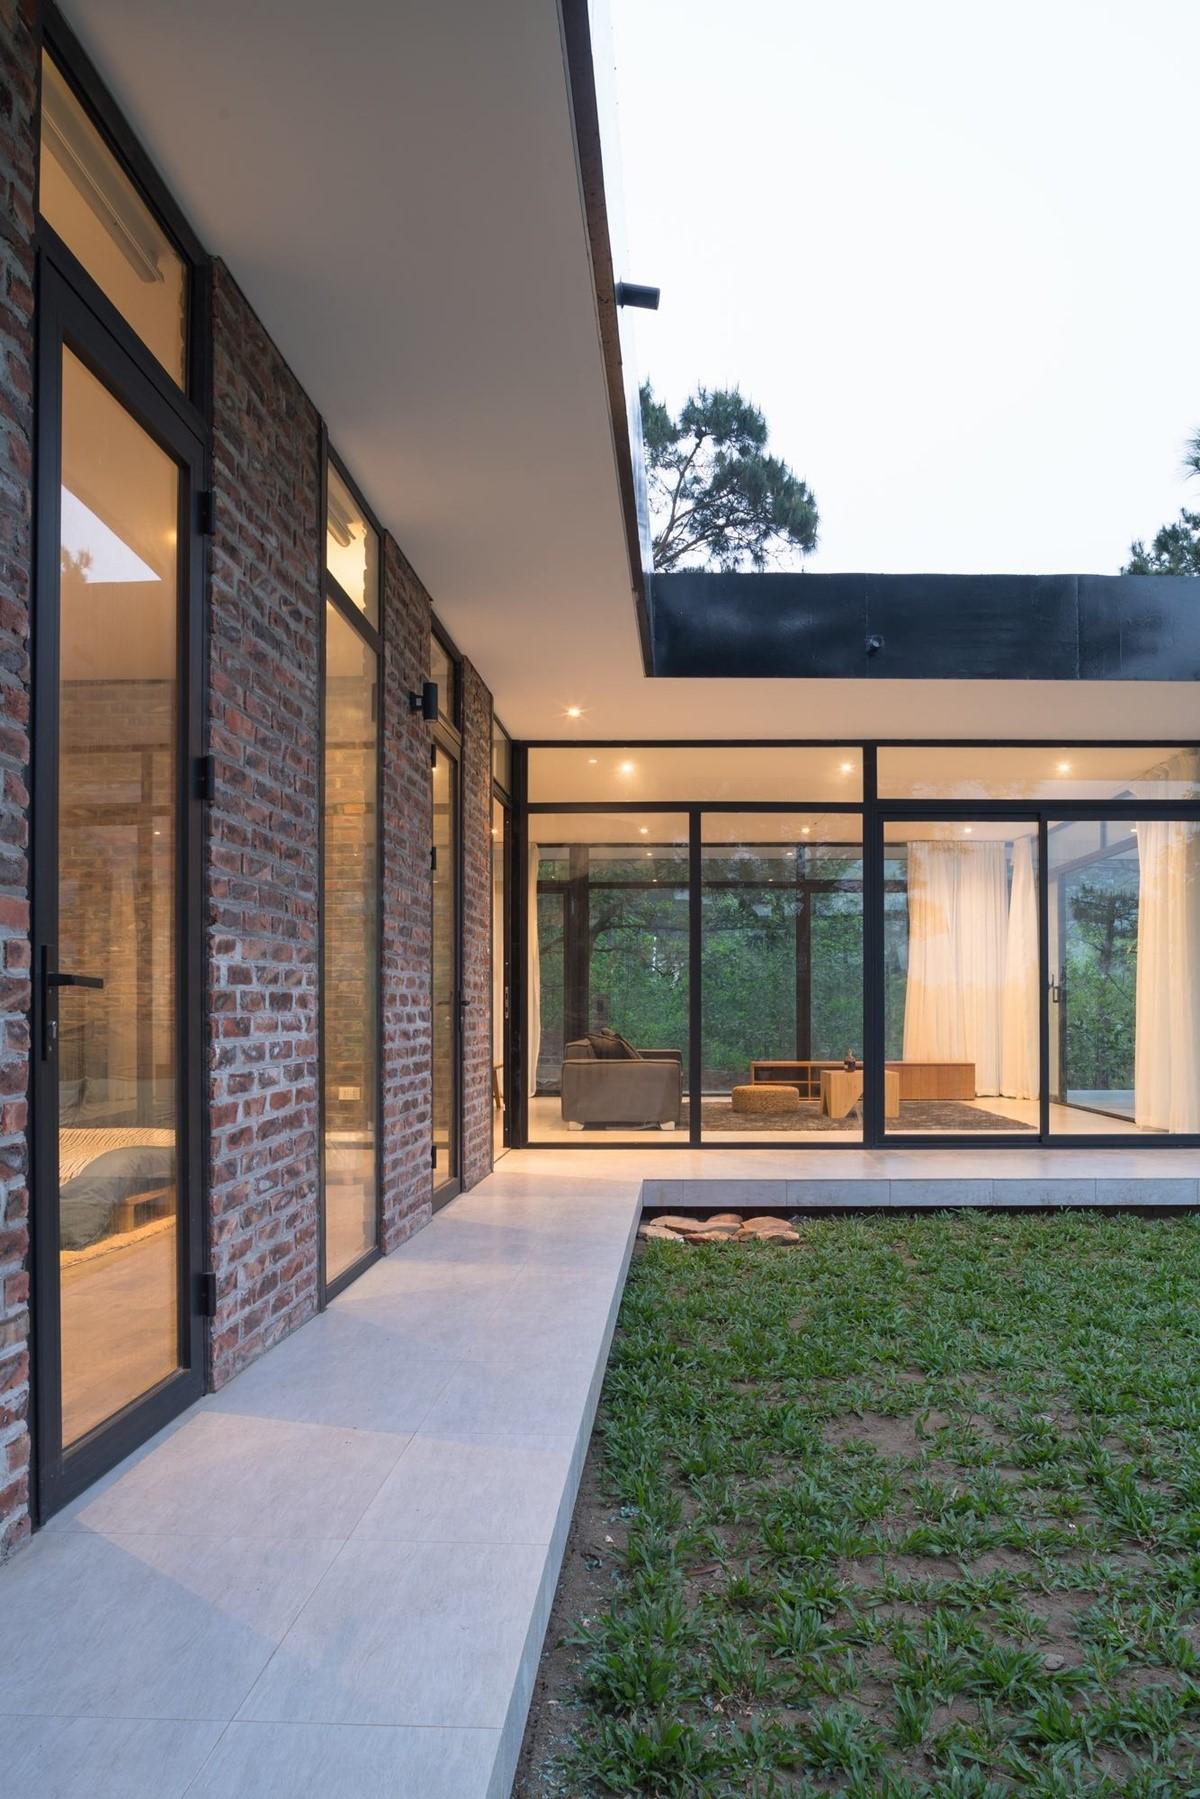 Để có được ngôi nhà như mong muốn bạn phải dành thời gian để tìm hiểu và nêu ra được những chi tiết ngôi nhà muốn thi công, thiết kế